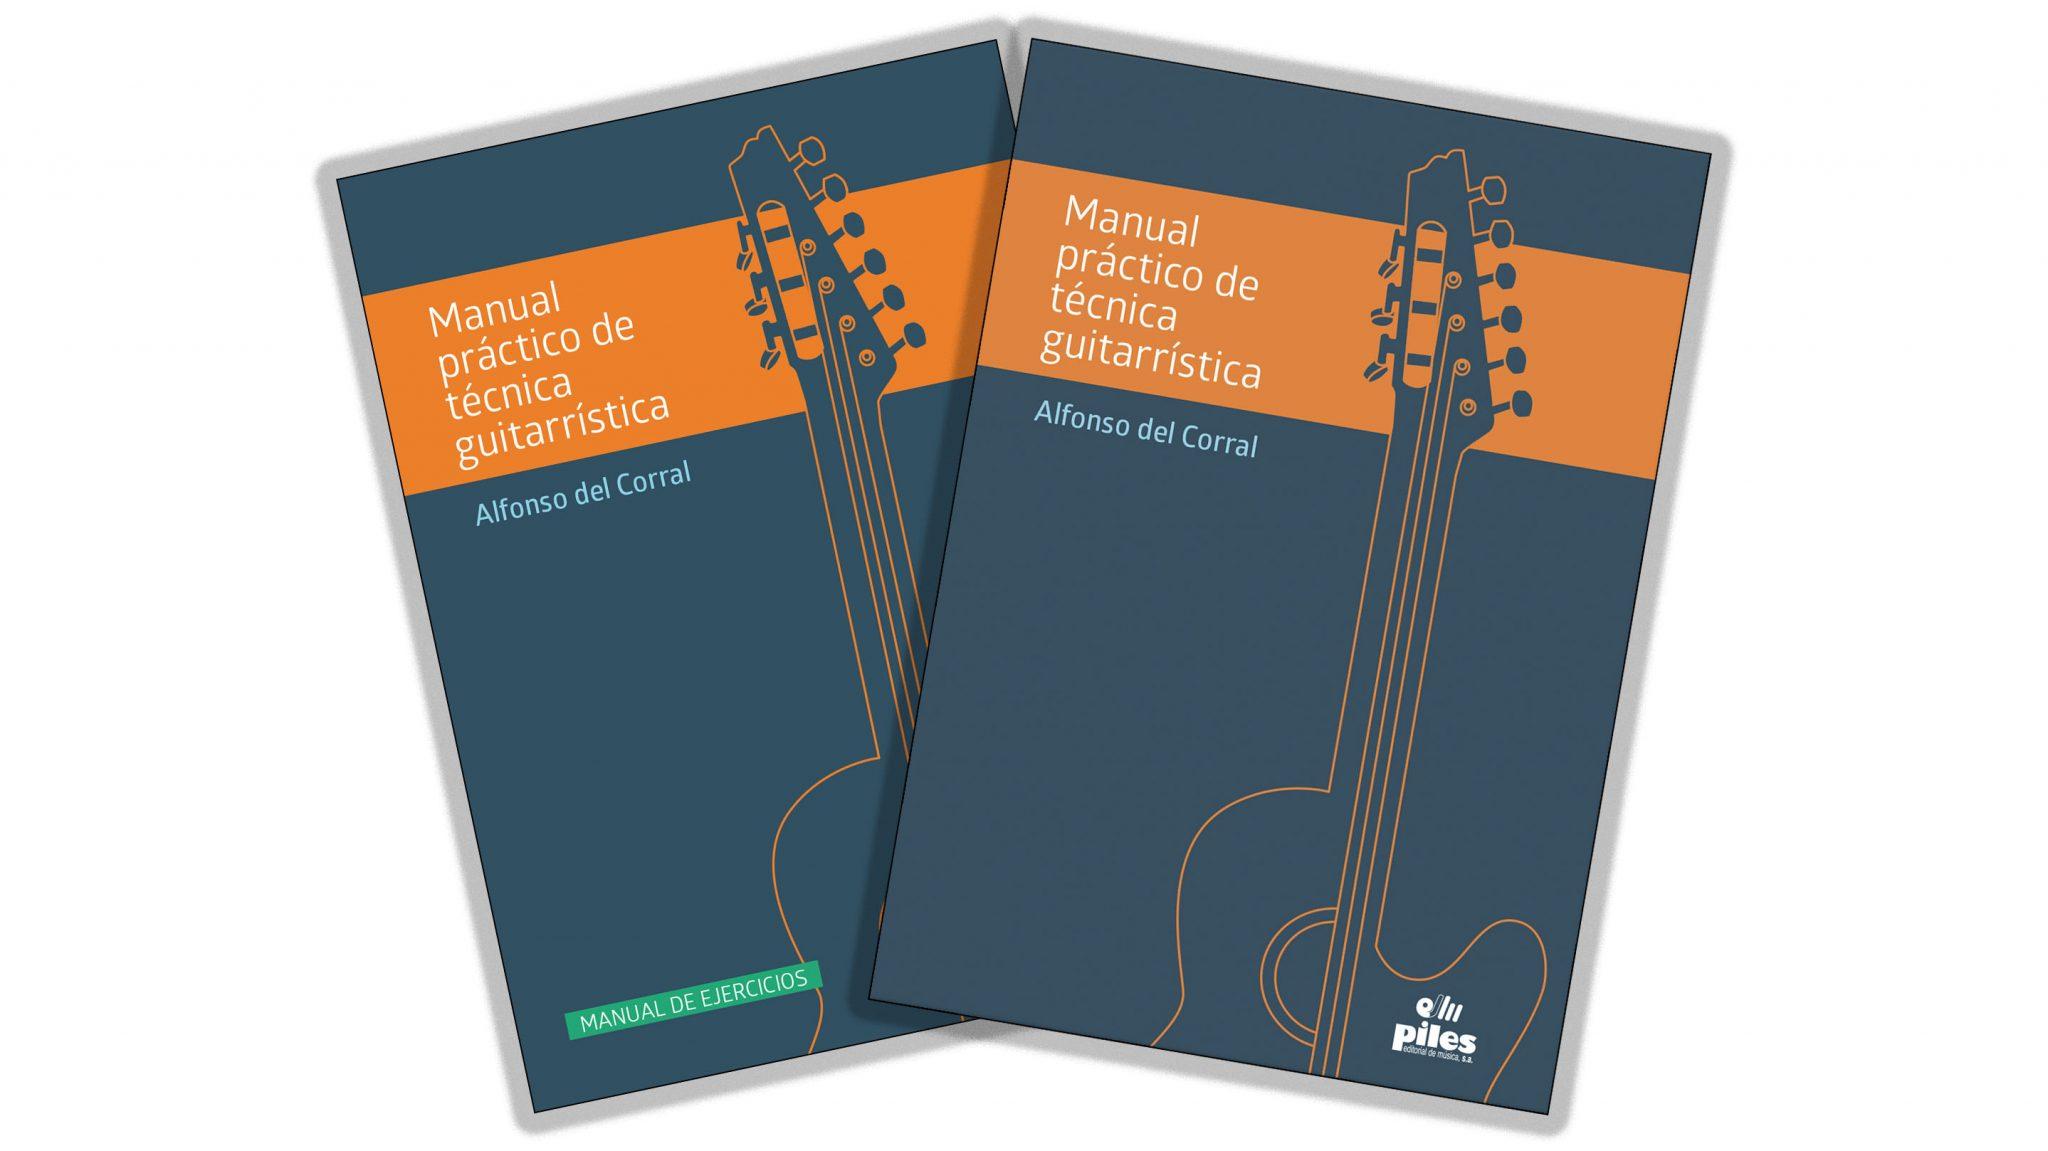 Manual práctico de técnica guitarrística - 2 libros